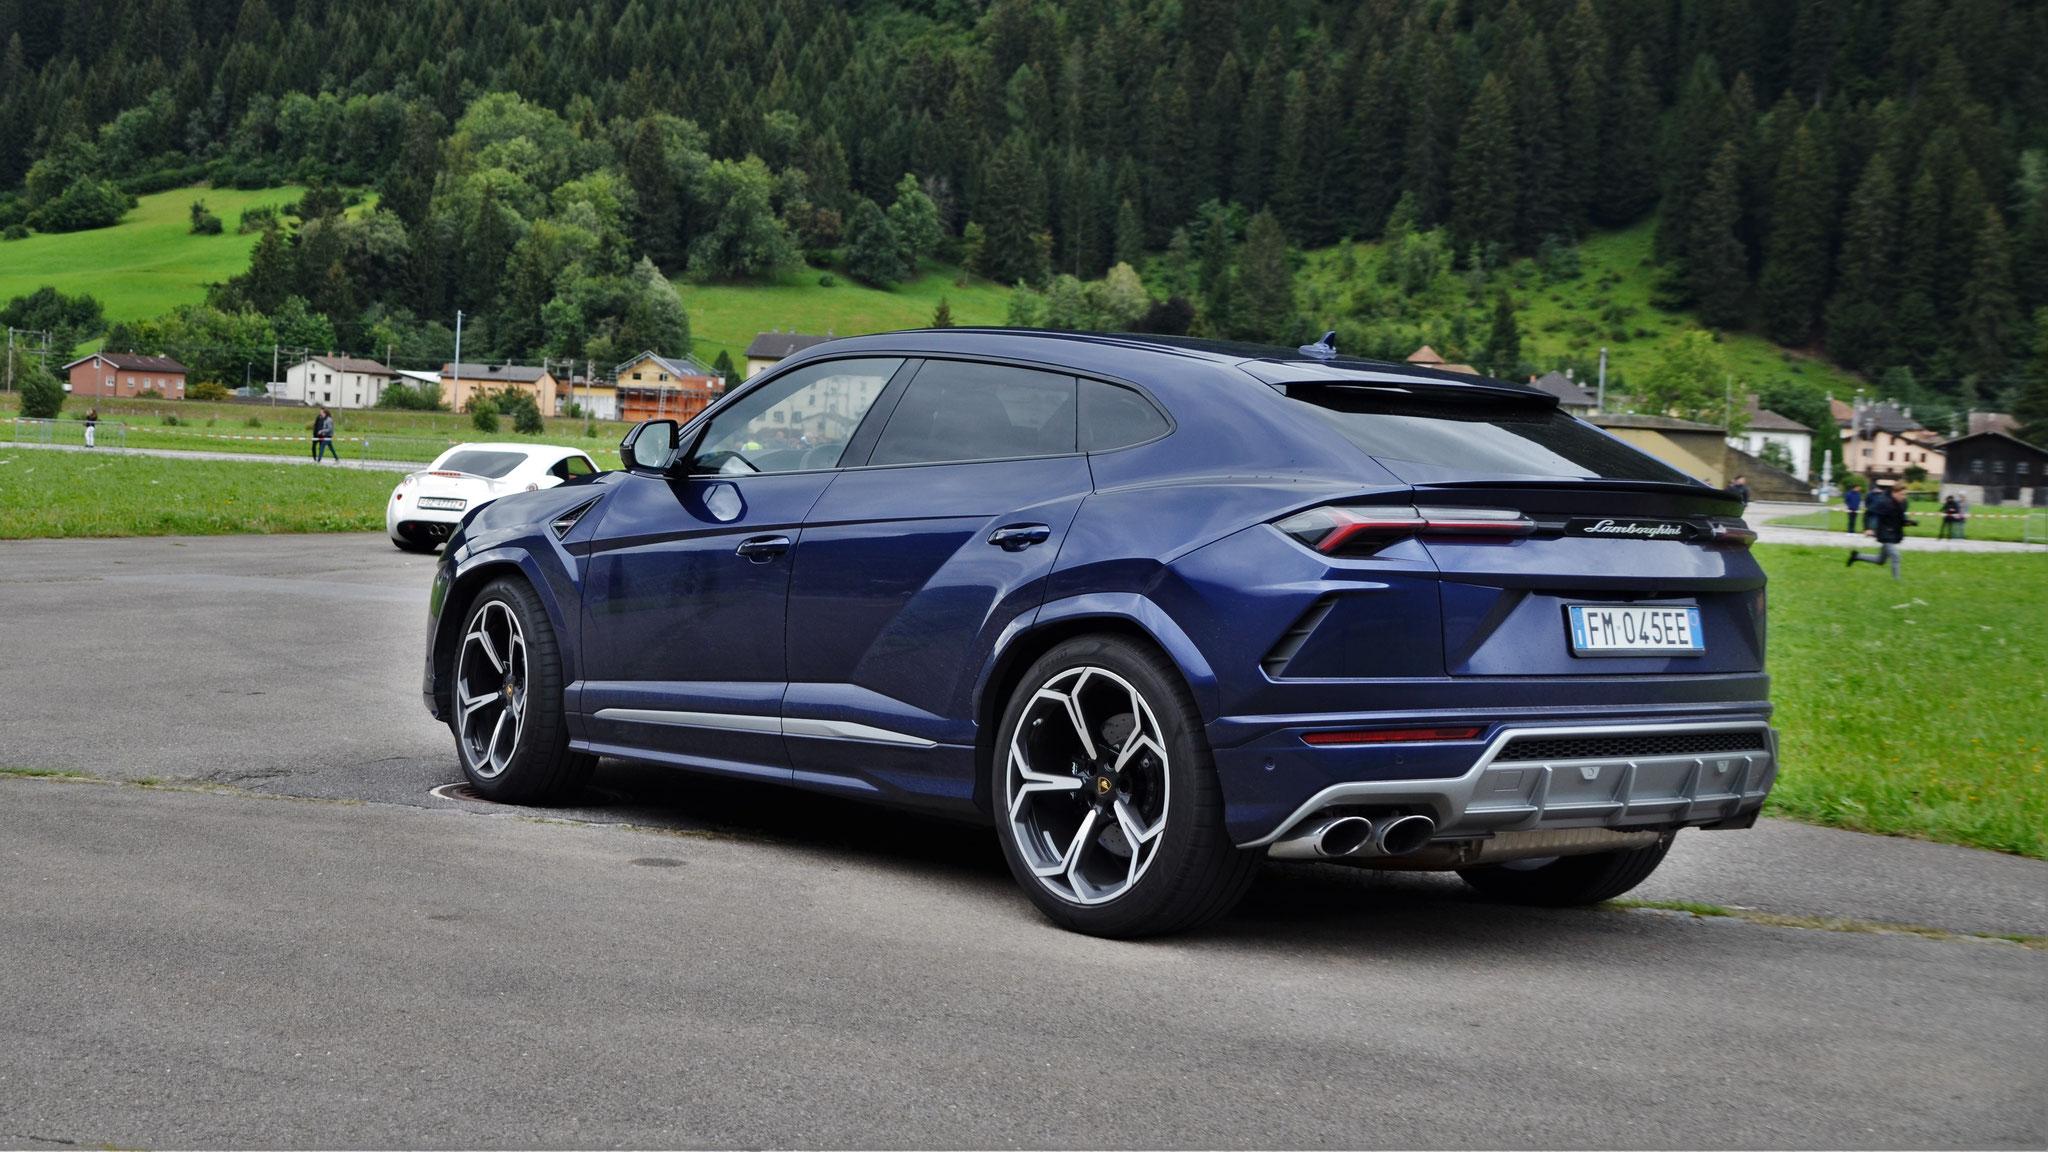 Lamborghini Urus - FM-045-EE (ITA)